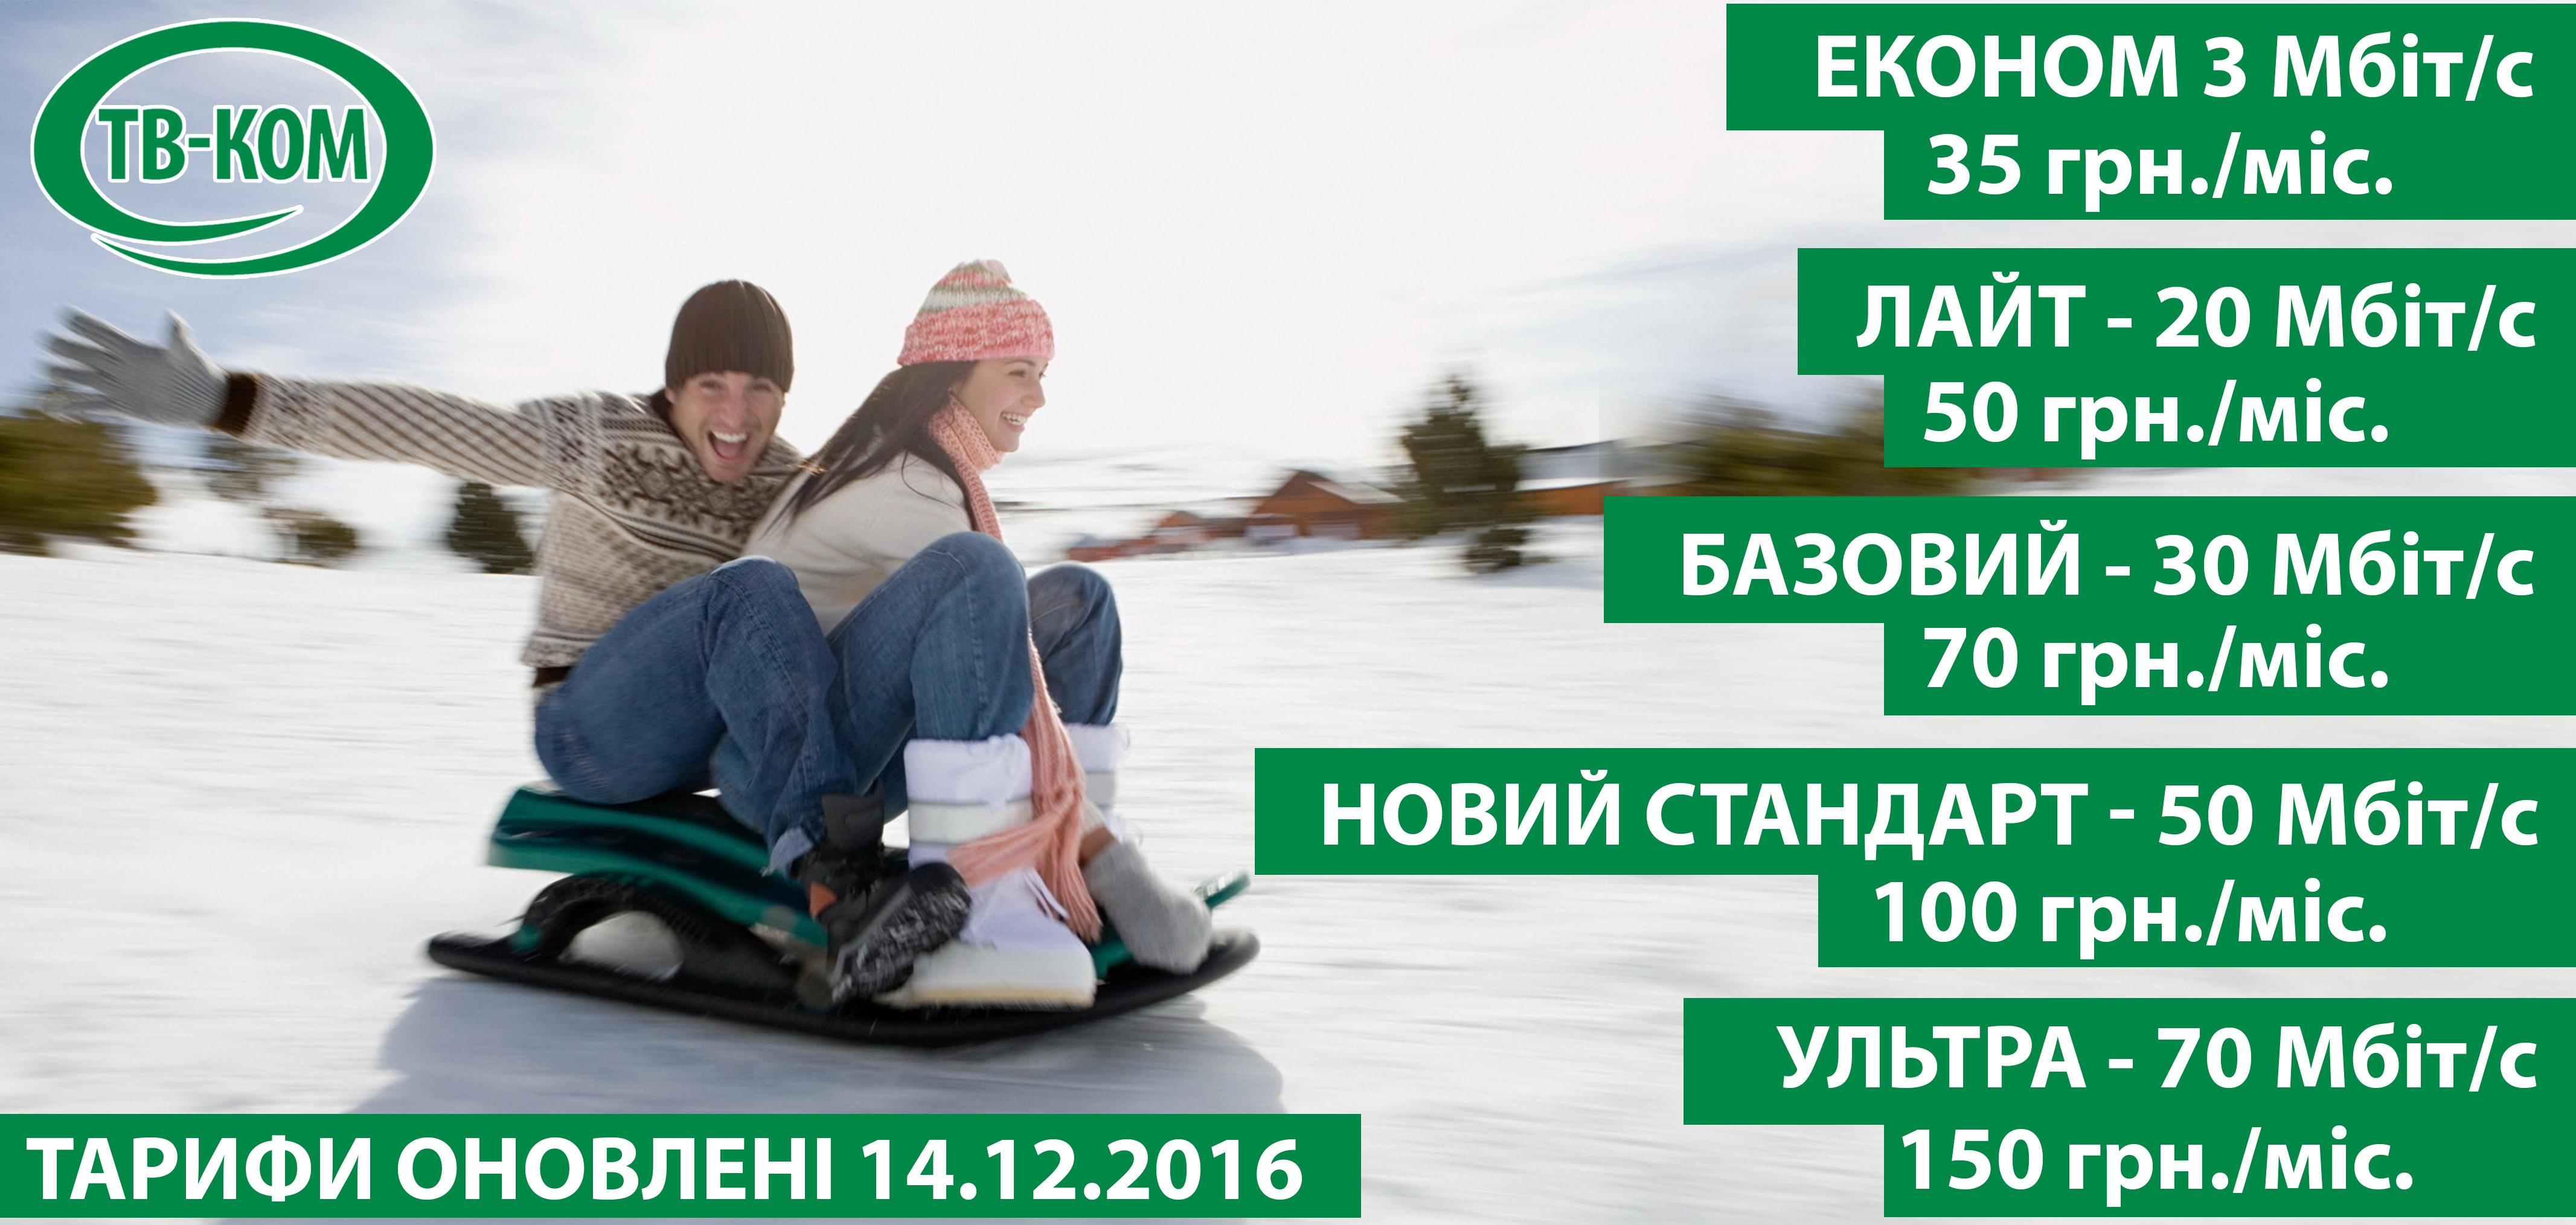 TV-COM 14.12.2016